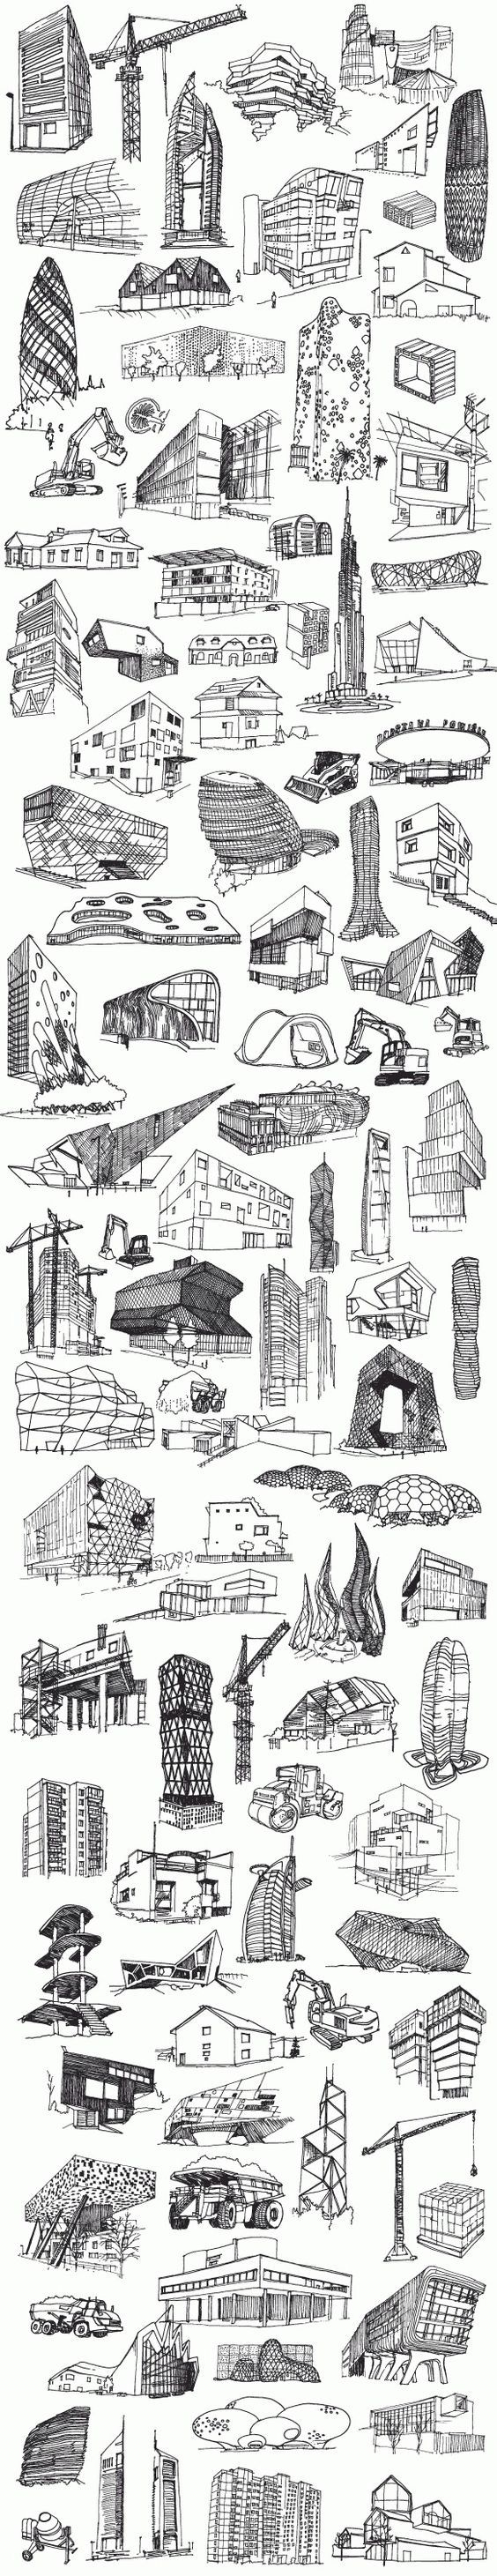 Drawing skycrapers: